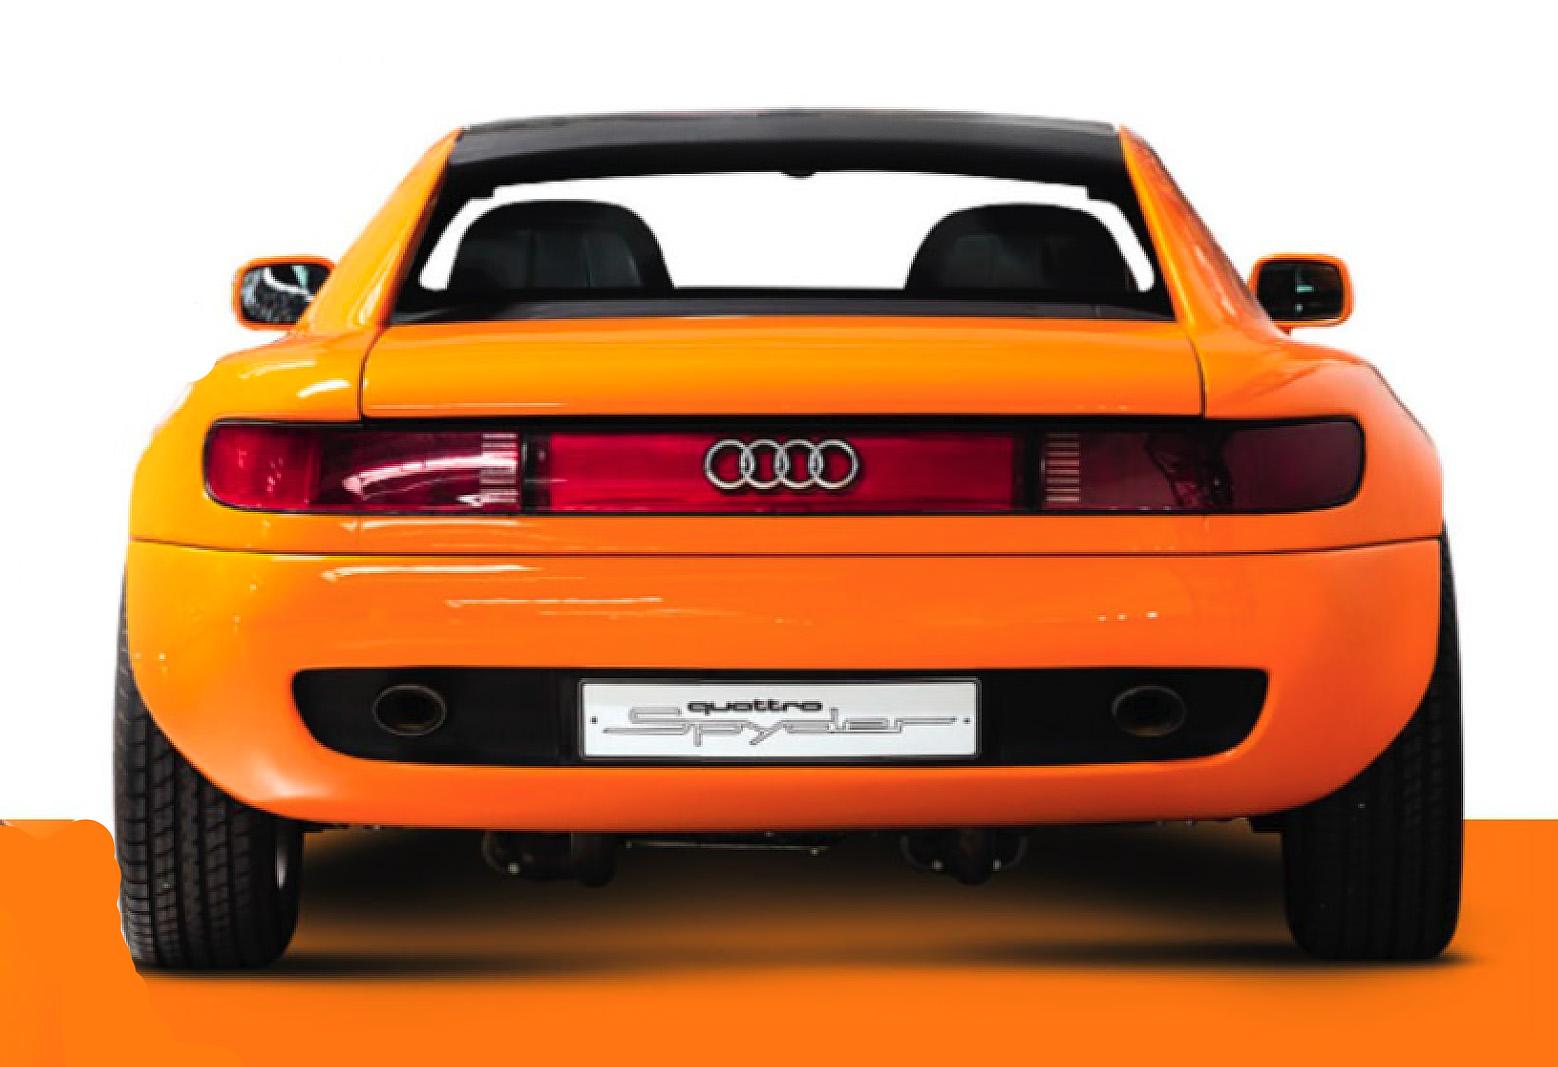 Audi Quattro Spider Drive